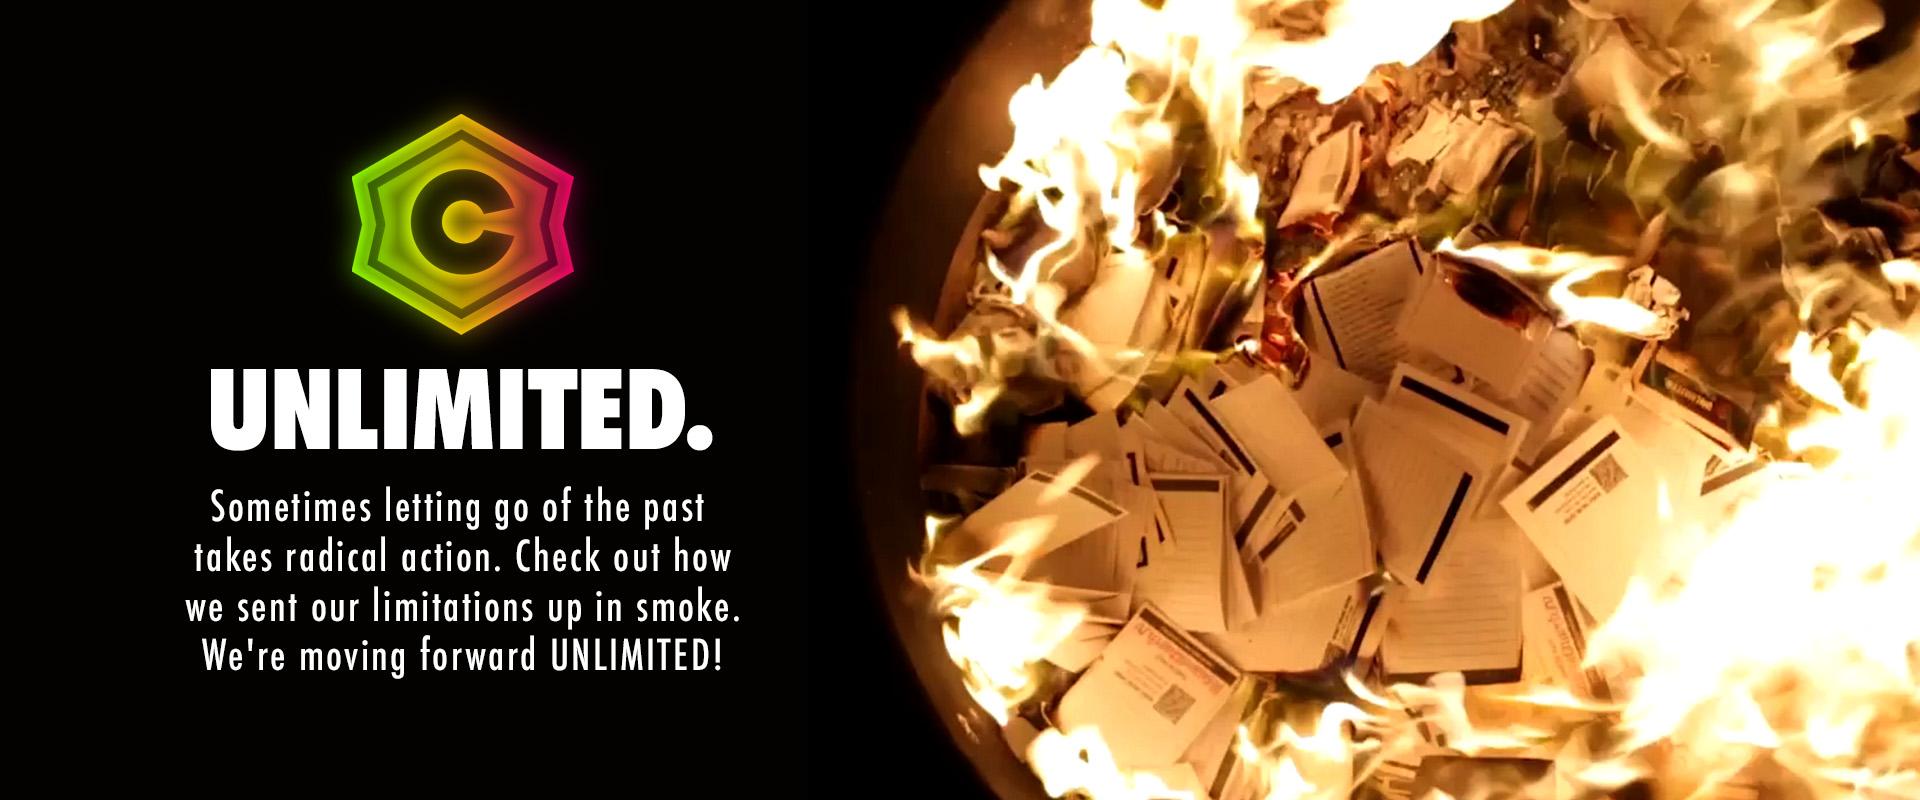 Unlimited Series - Burn Video Slide